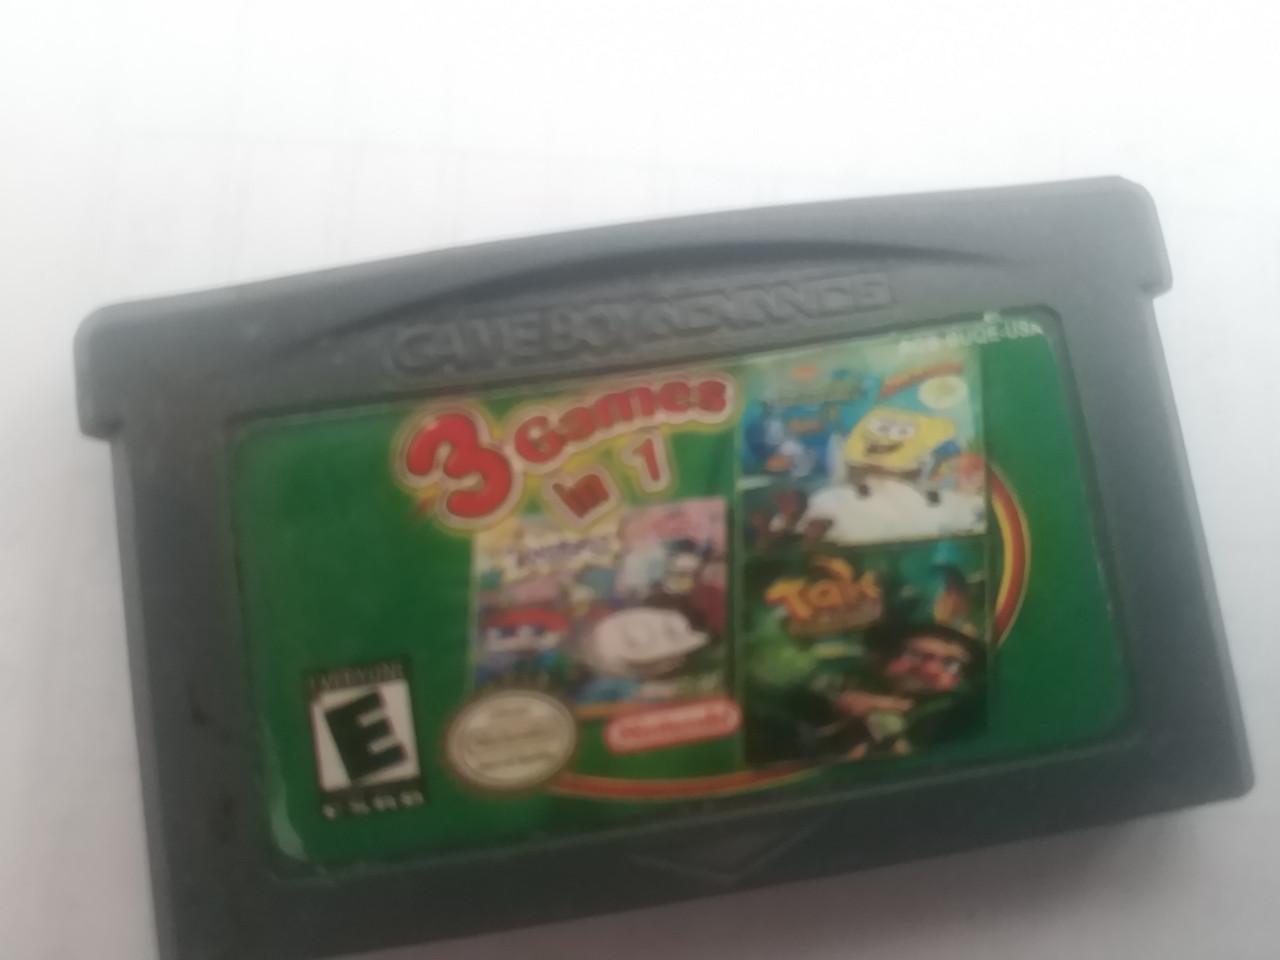 Картридж GBA 3 в 1 (Rugrats, Tak ,spongebob squarepants)